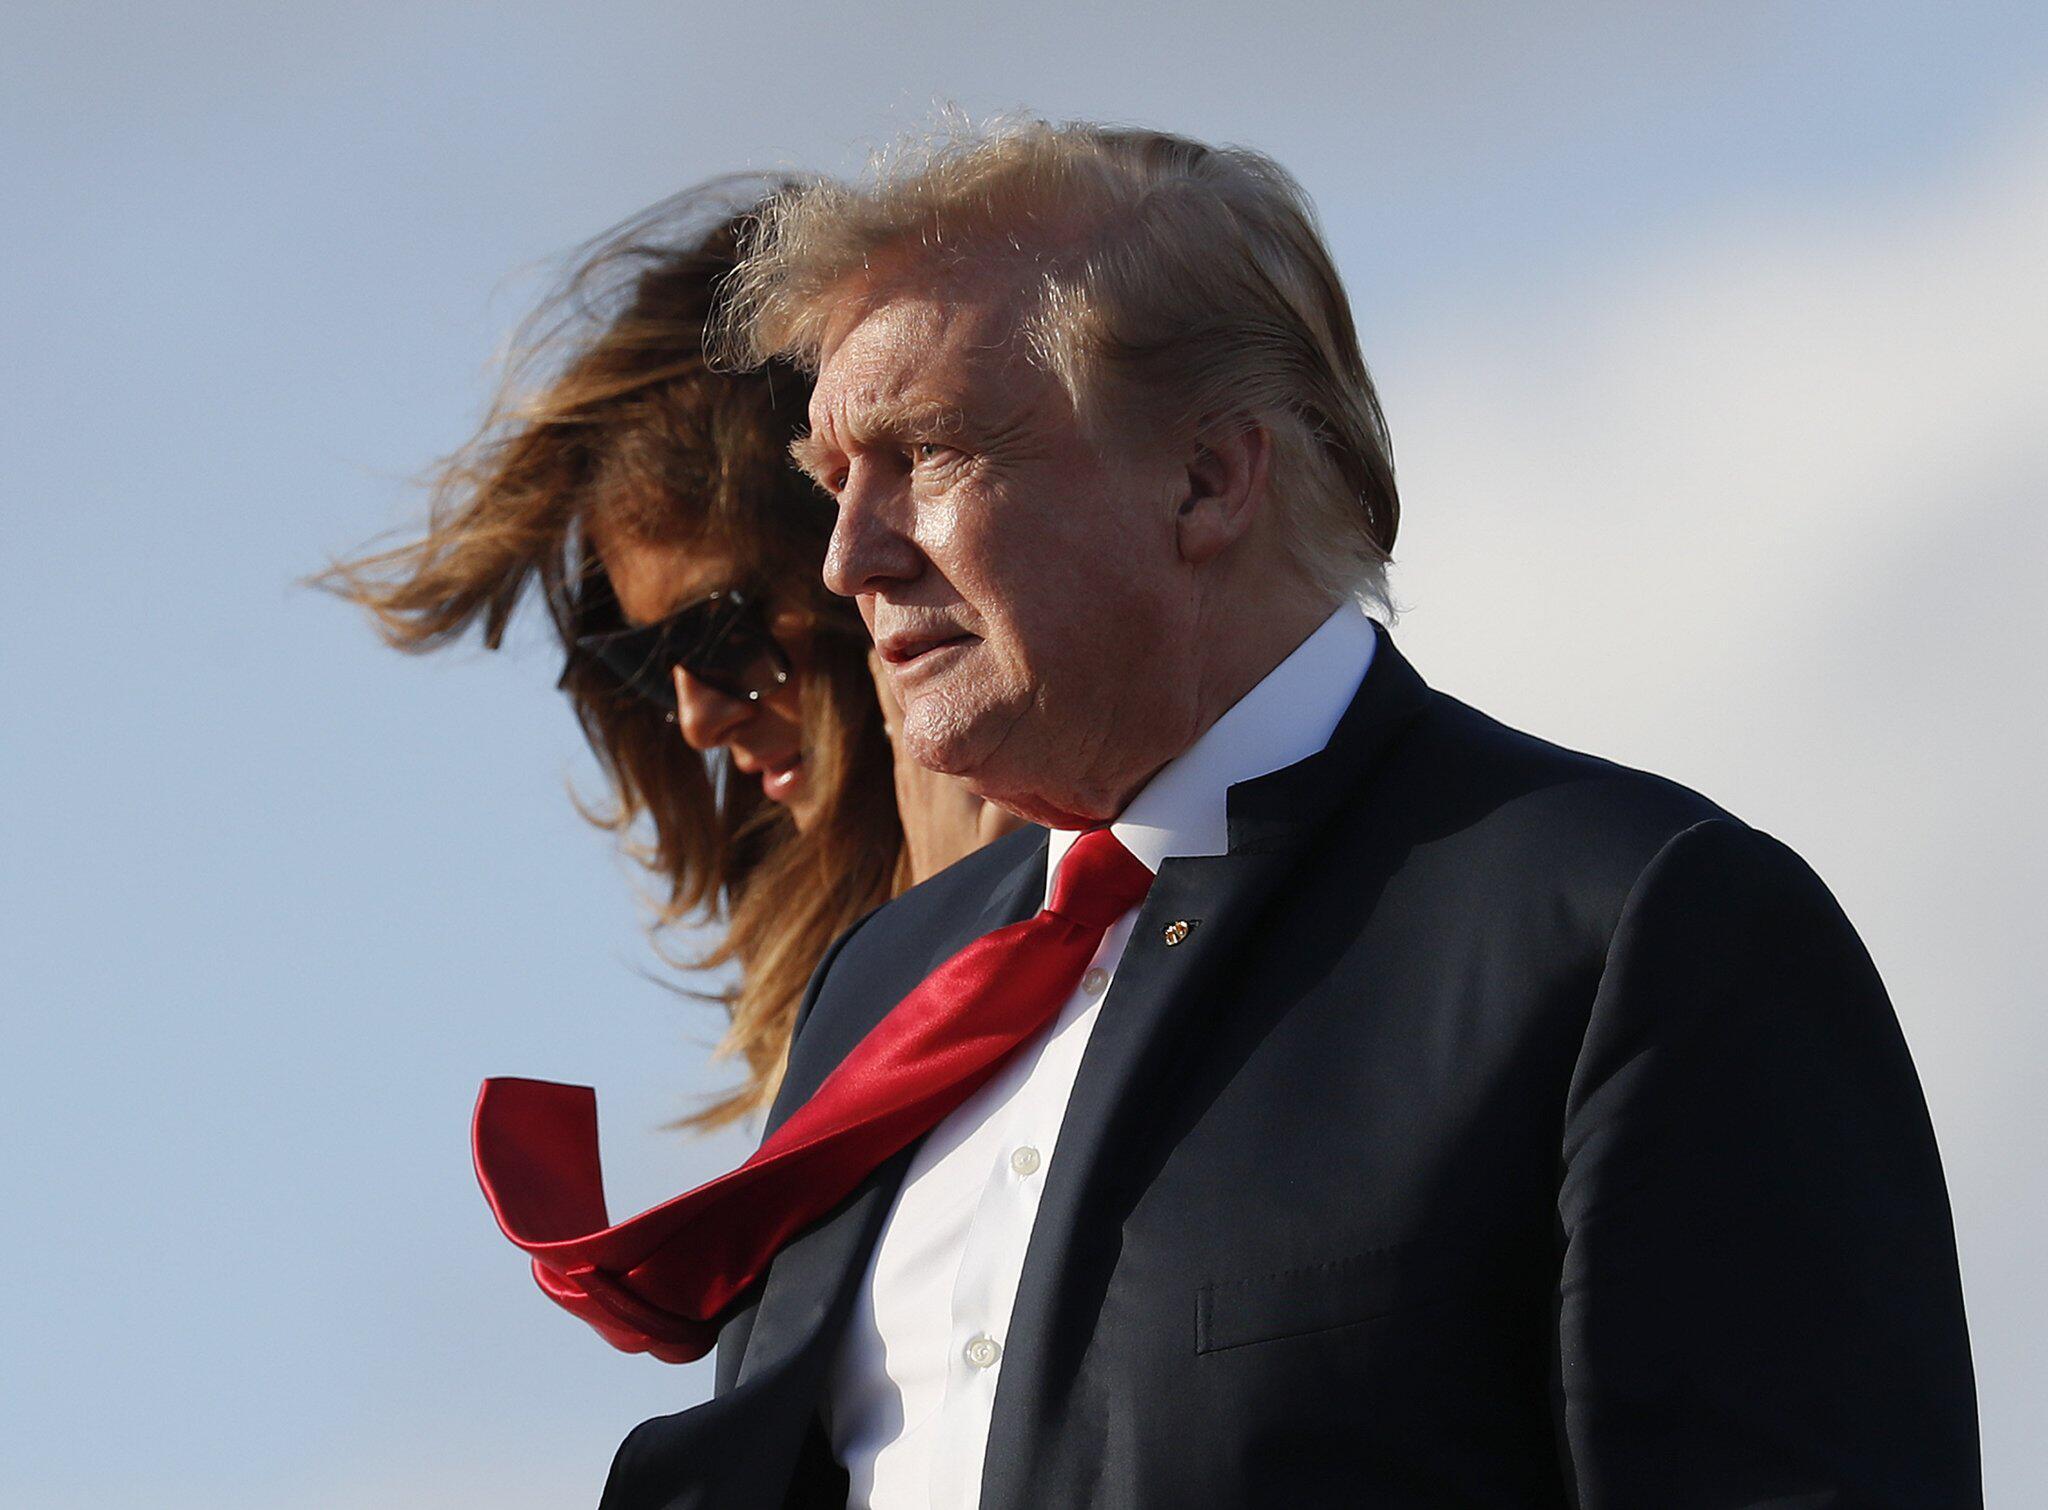 Bild zu Trump reist nach Mar-a-lago